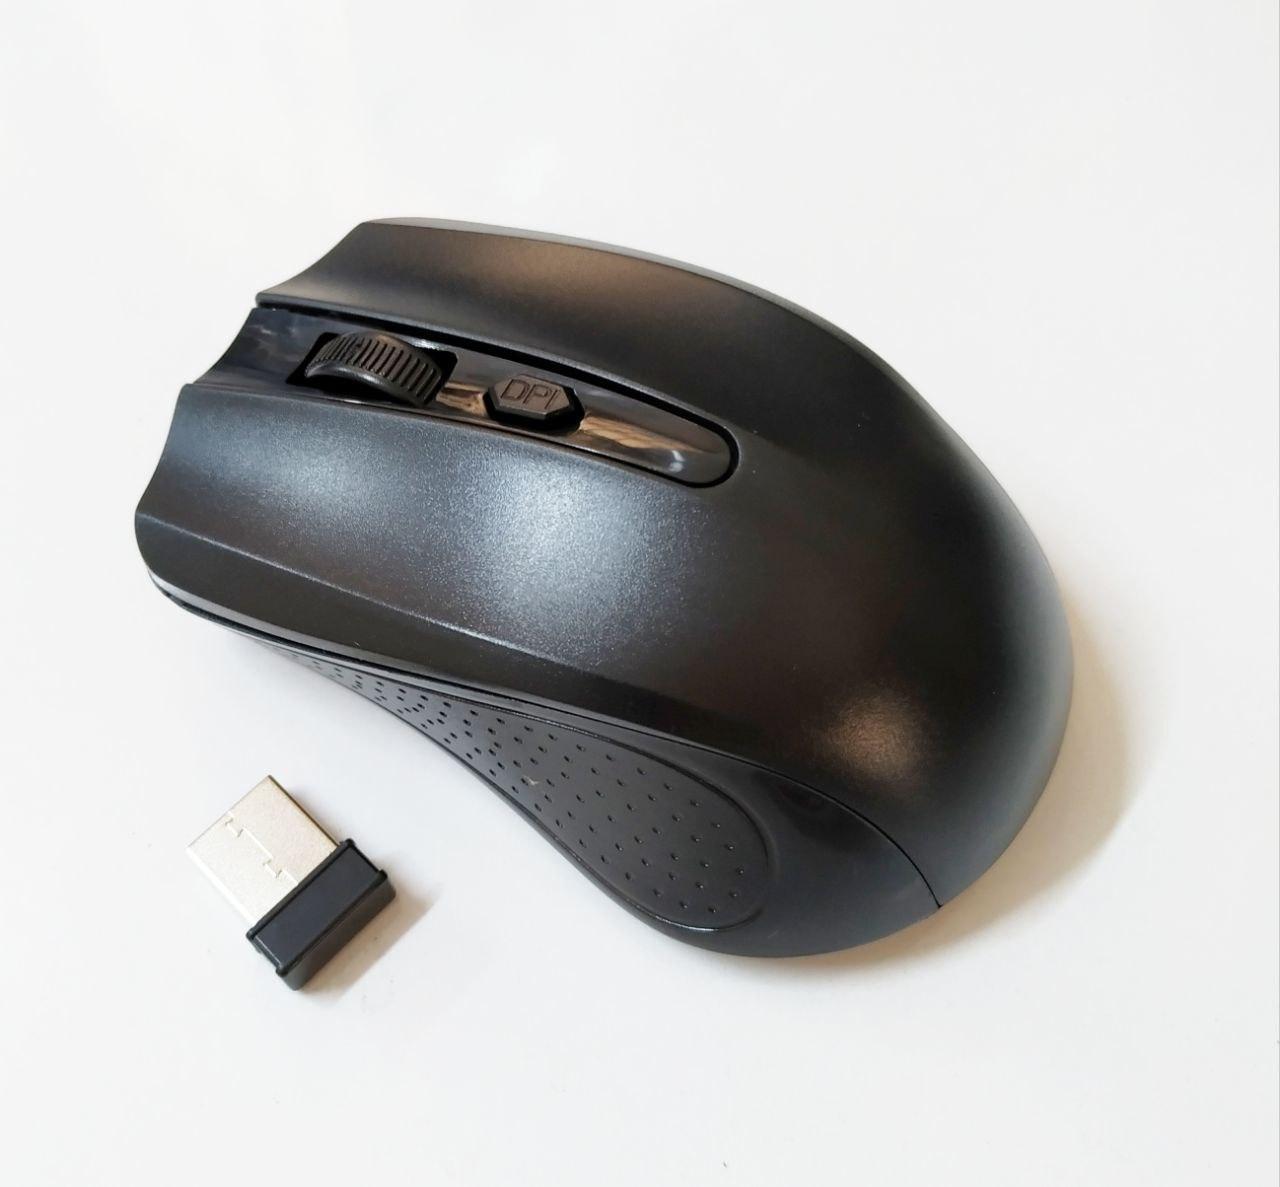 Kablosuz Wireless Mouse Taşınabilir 1200DPI  2.4Ghz